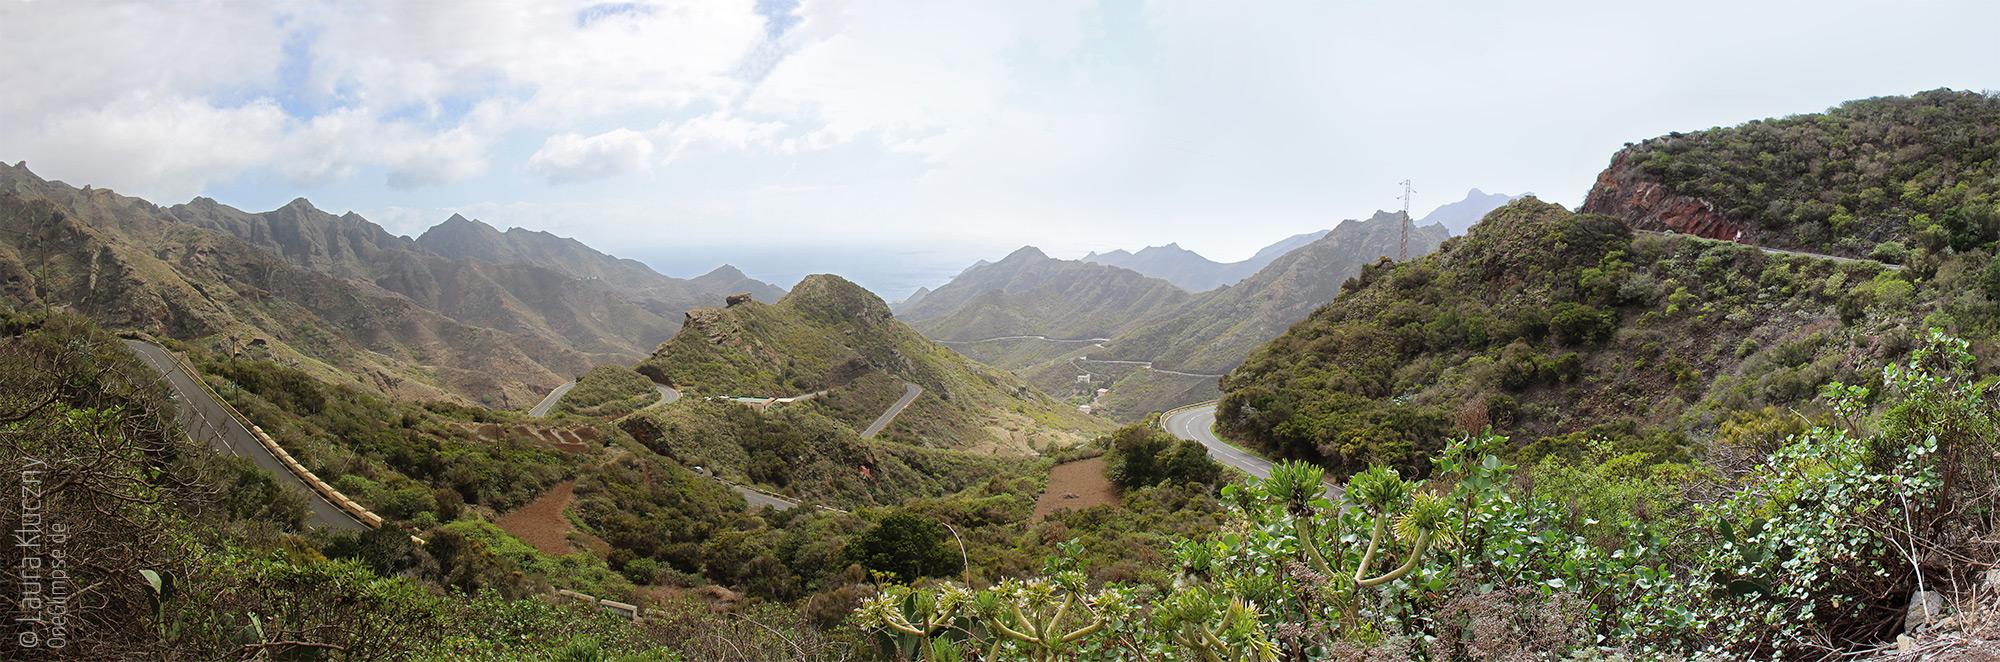 Anagagebirge mit den kurvigen Serpentinen - Panorama